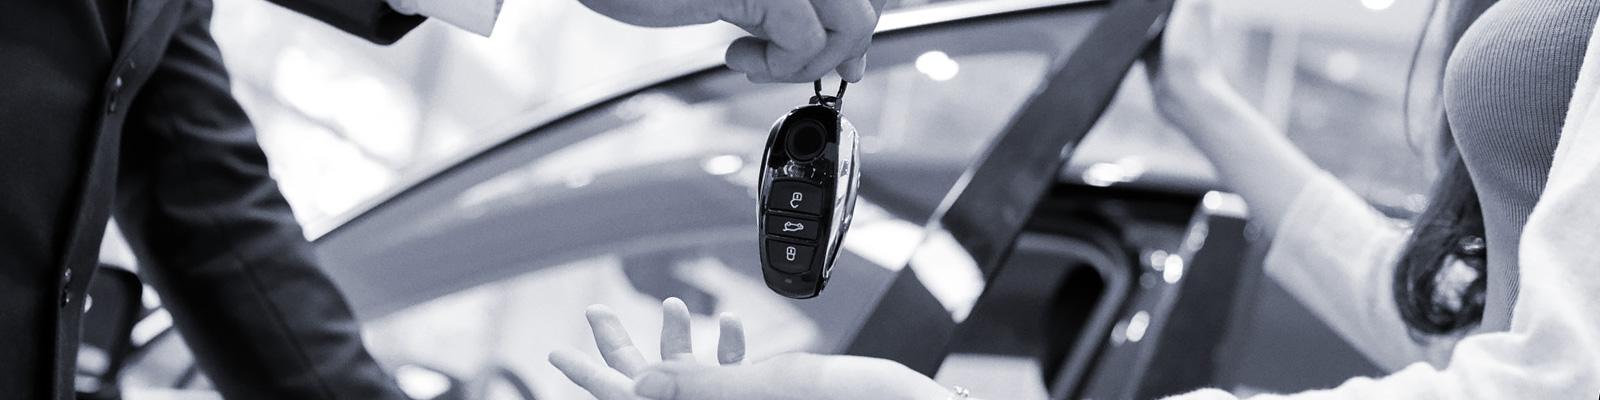 自動車 鍵 イメージ